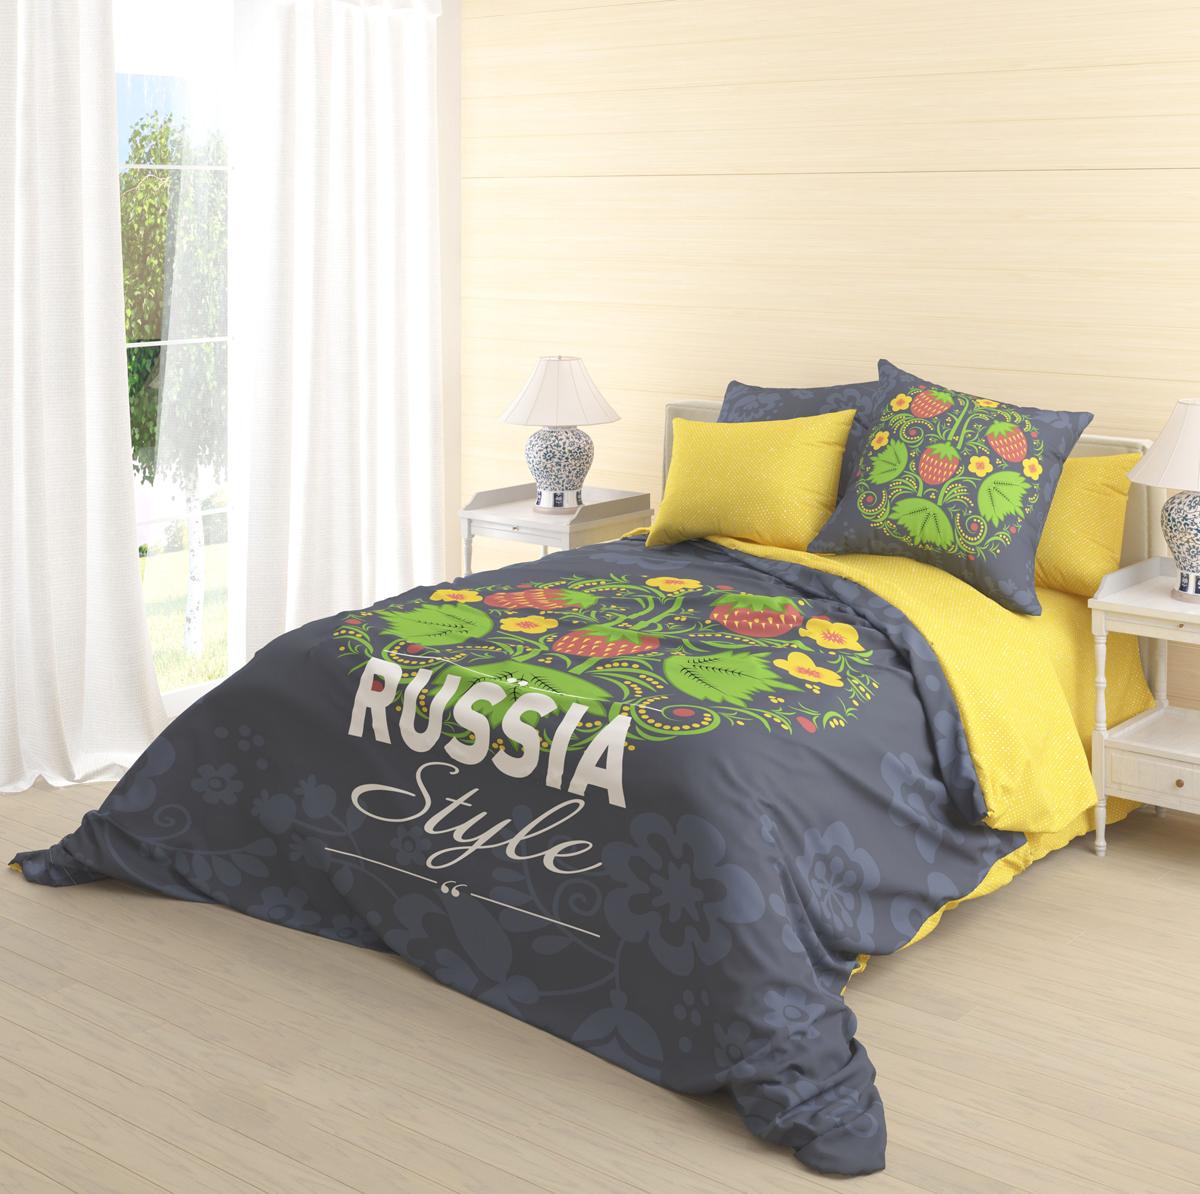 Комплект белья Волшебная ночь Ivan-Da-Maria, евро, наволочки 70х70 см718553